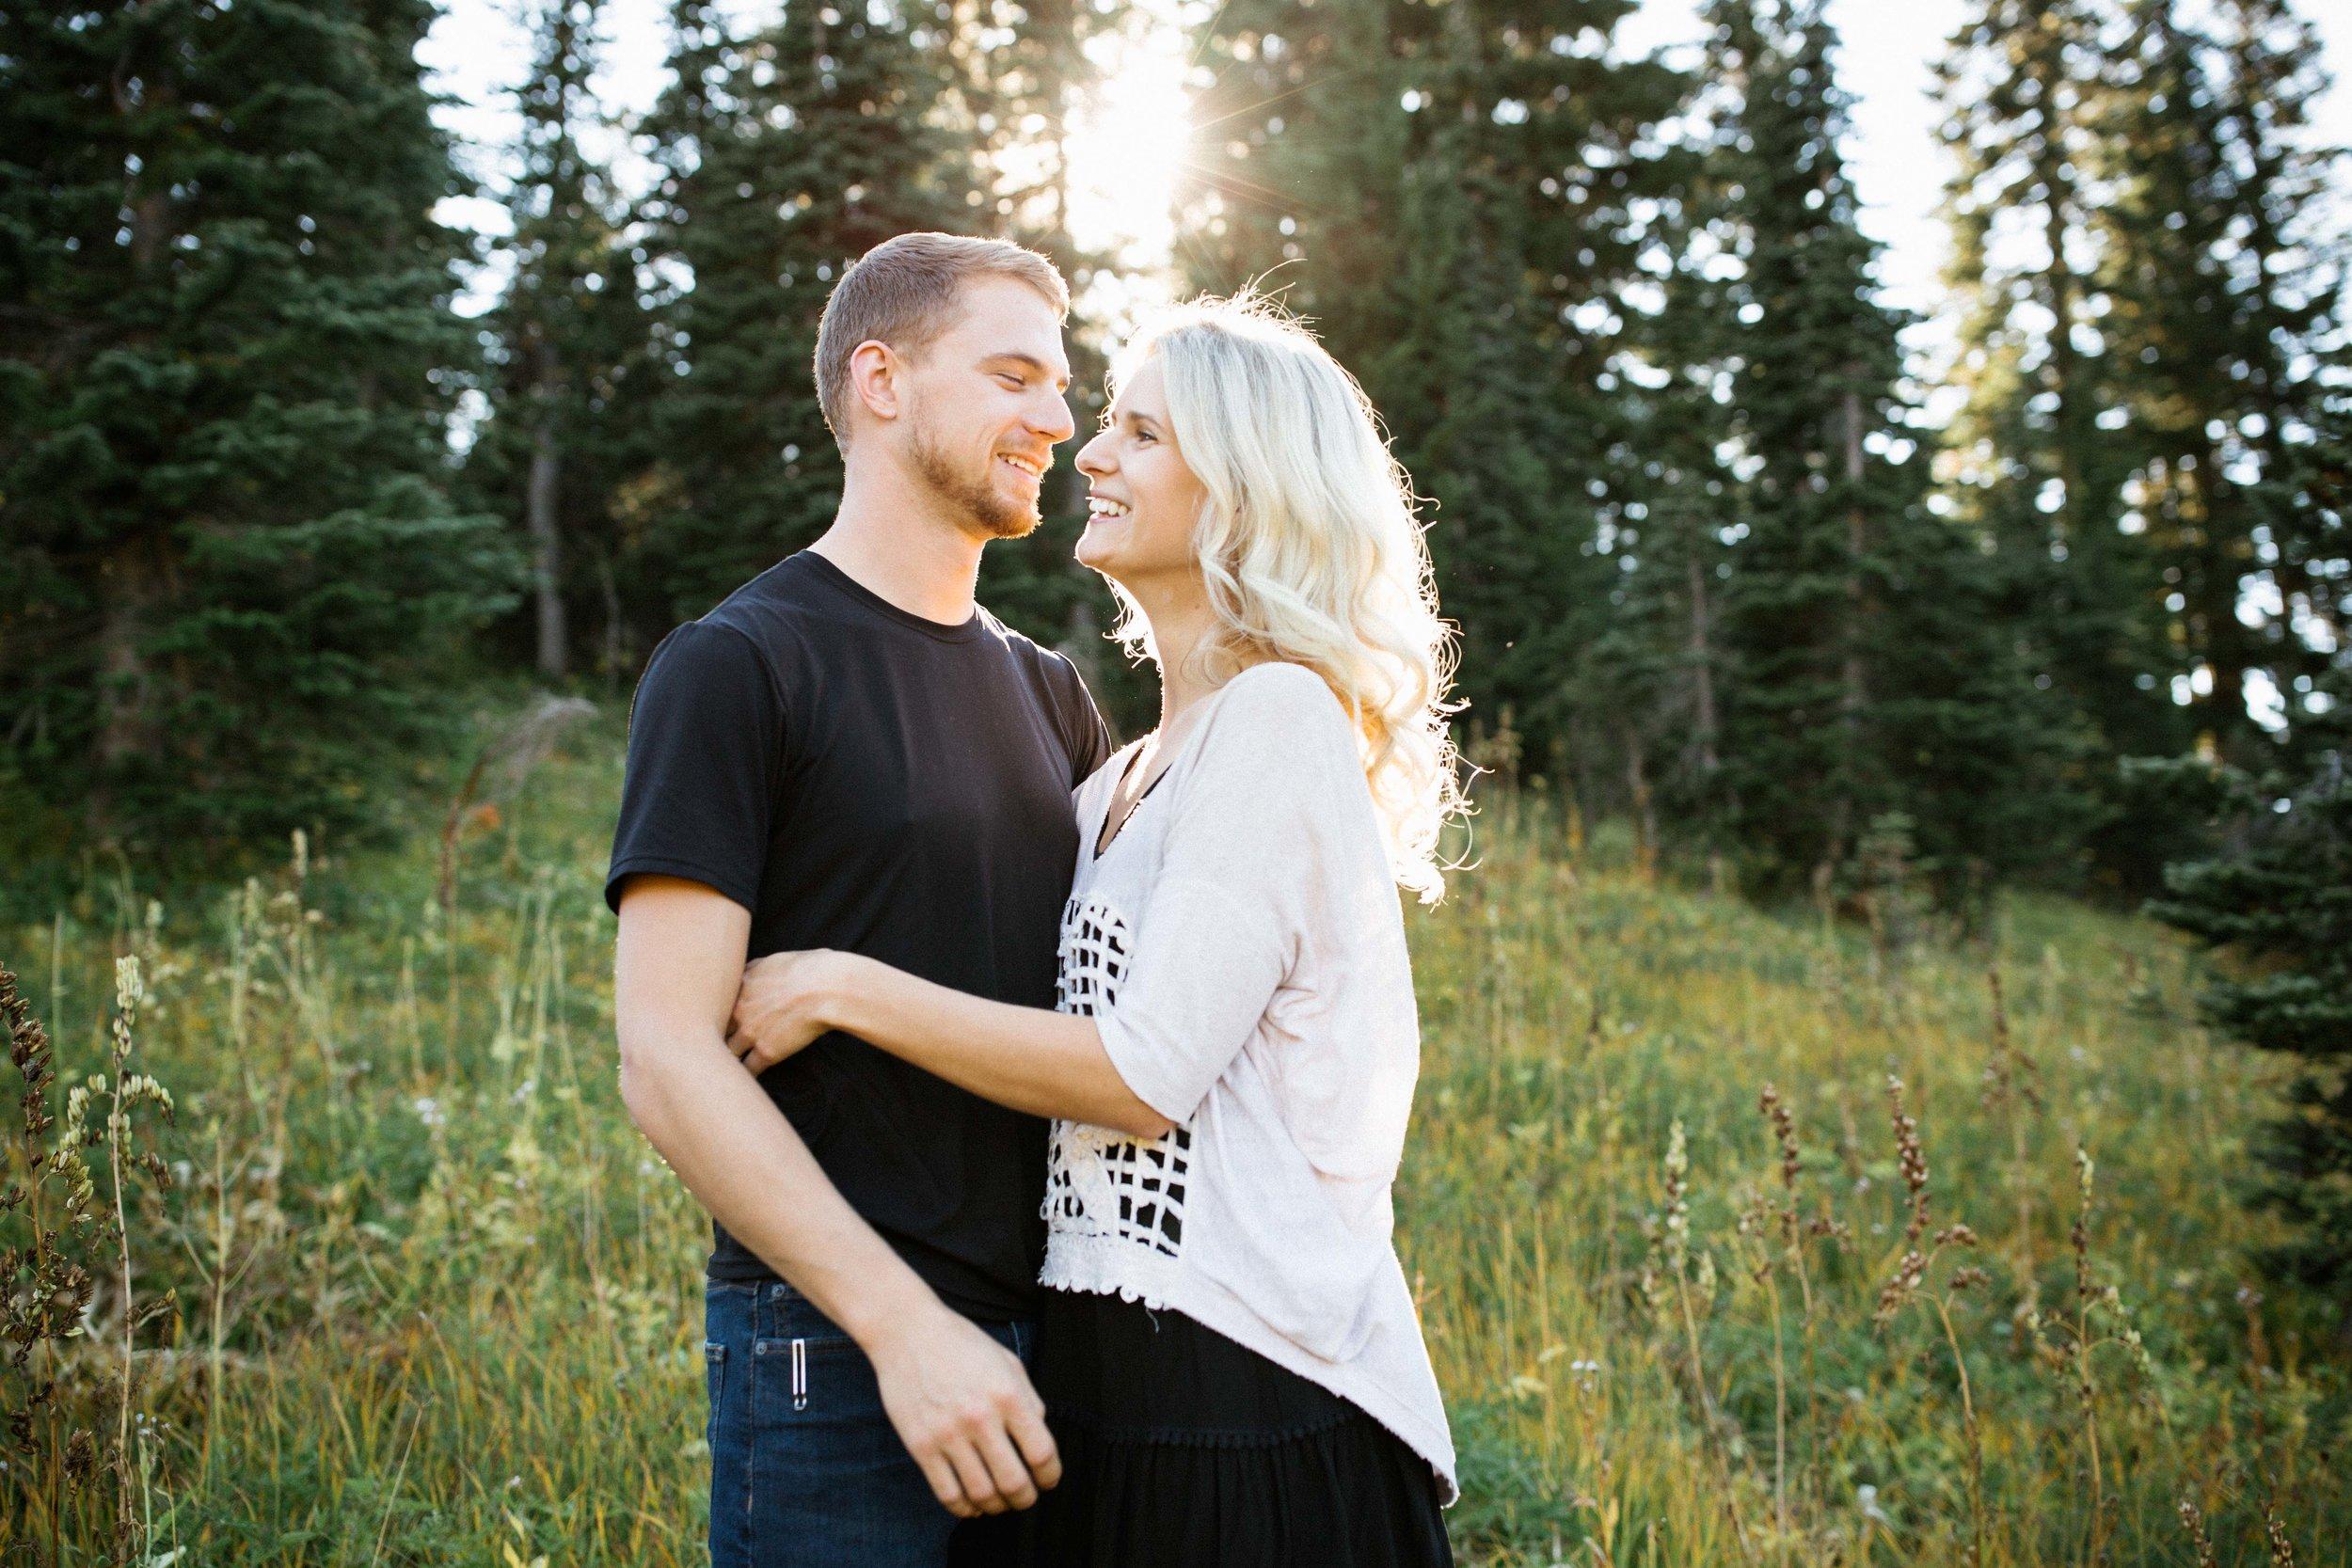 Alexis&Kyle-Engaged!BLOG-30.jpg